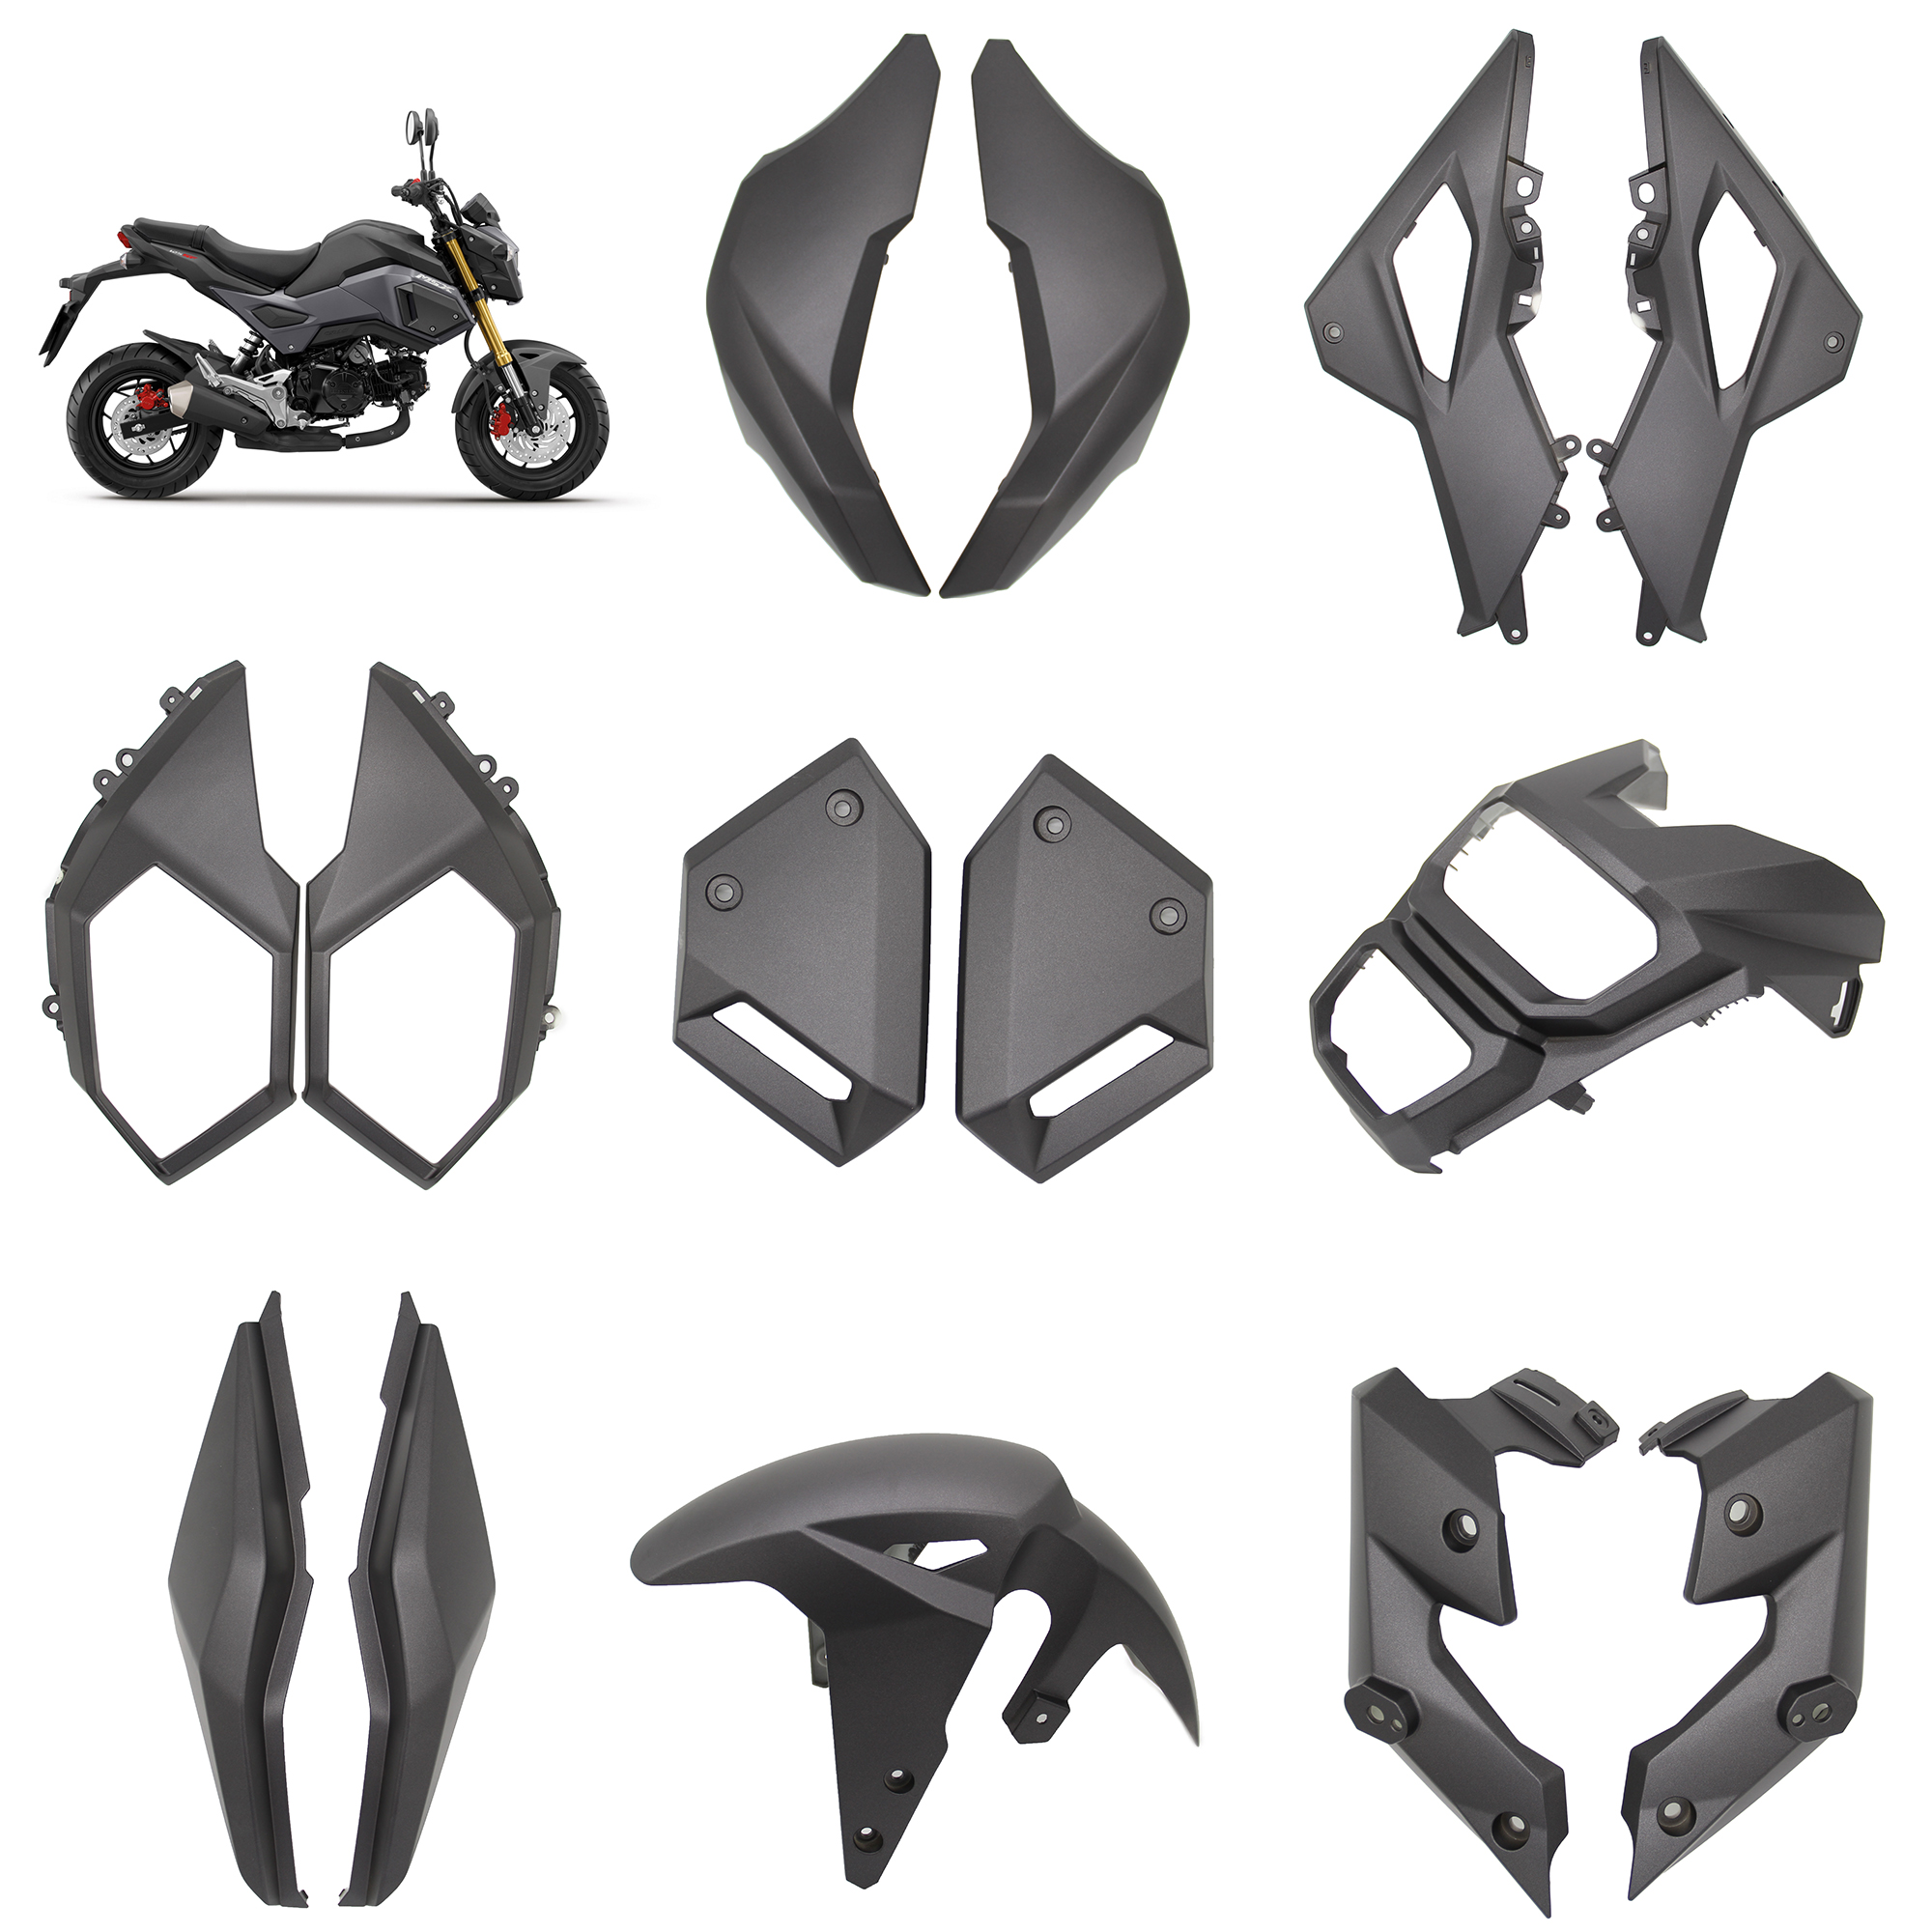 Для Honda Msx125 Msx125SF Grom 2016 - 2020 комплекты обтекателей, переднее крыло, брызговик, боковая панель, крышка, защитный кожух